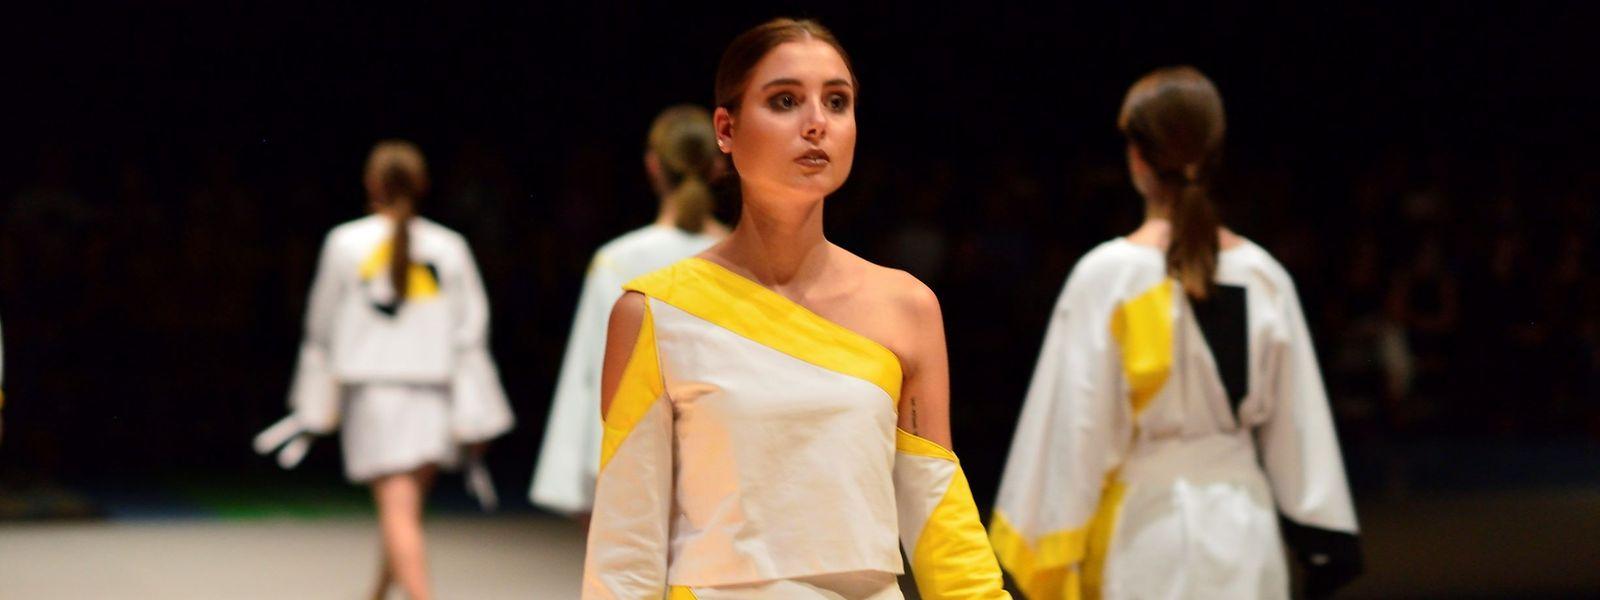 Die große Premiere: Eindruck einer Modenschau – im Zentrum steht das erste Outfit, das Natascha Zimmer während des Studiums entworfen hat.